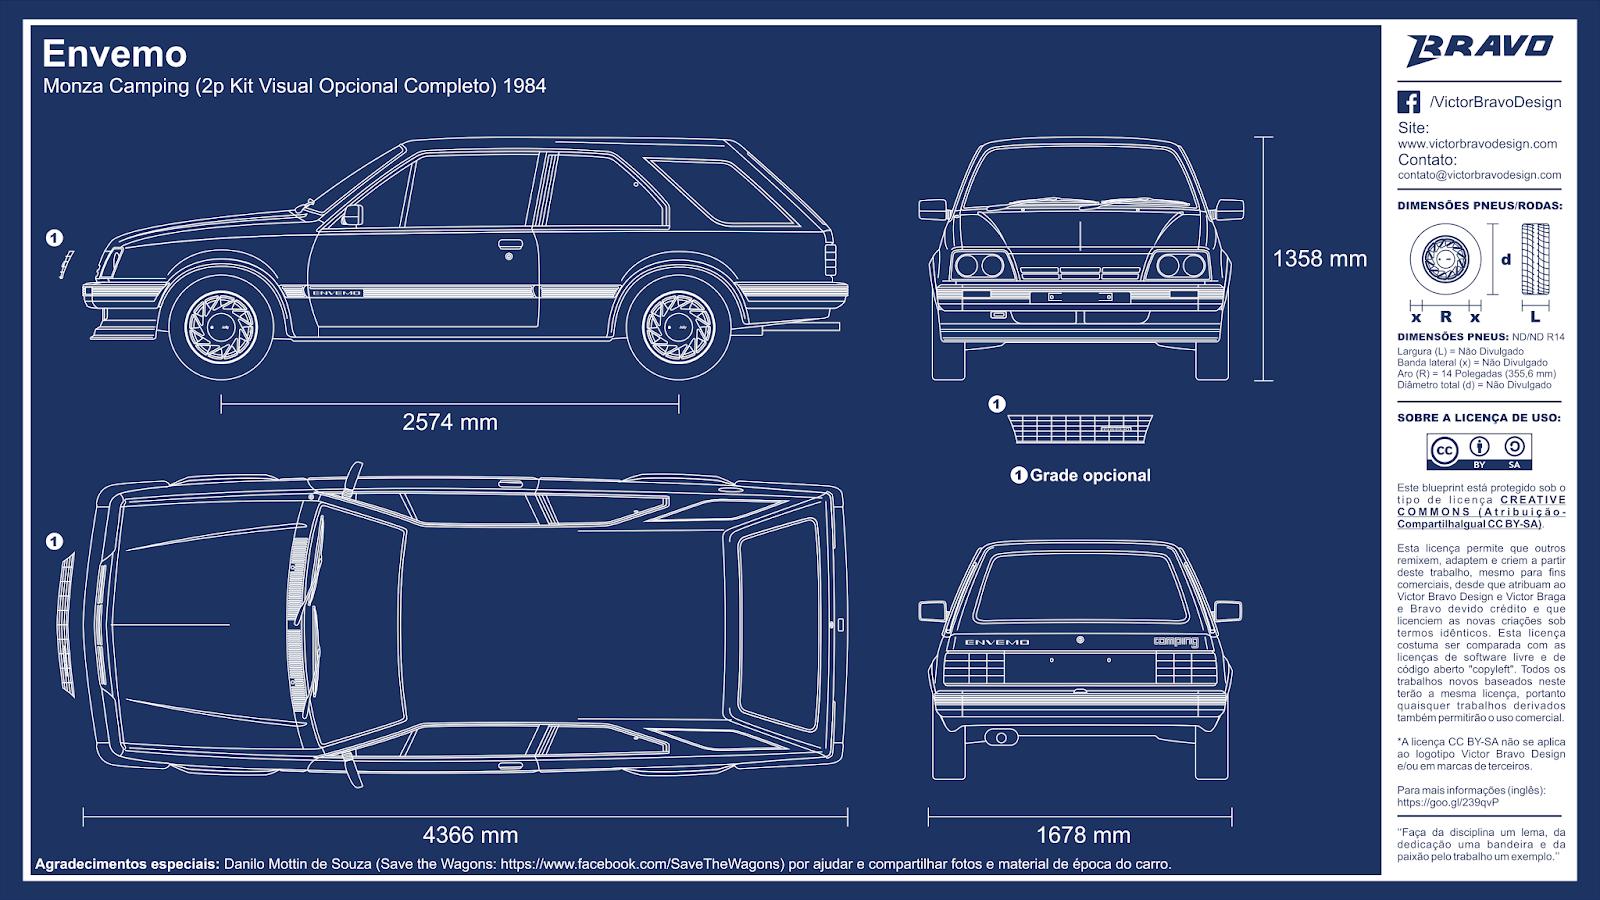 Imagem mostrando o desenho do blueprint do Envemo Monza Camping (2p Kit Visual Opcional Completo) 1984